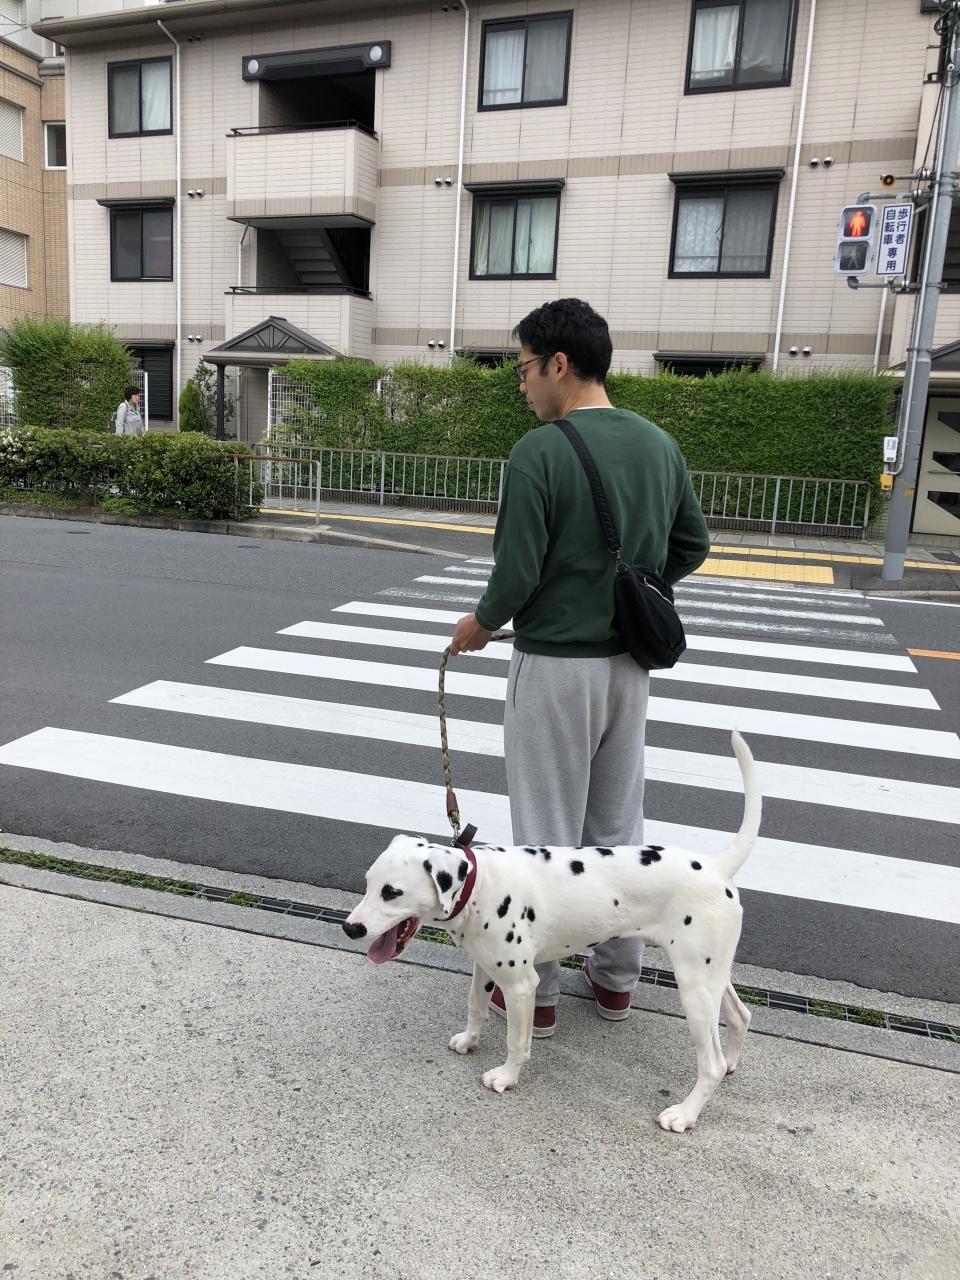 順番が来るまで病院前をお散歩